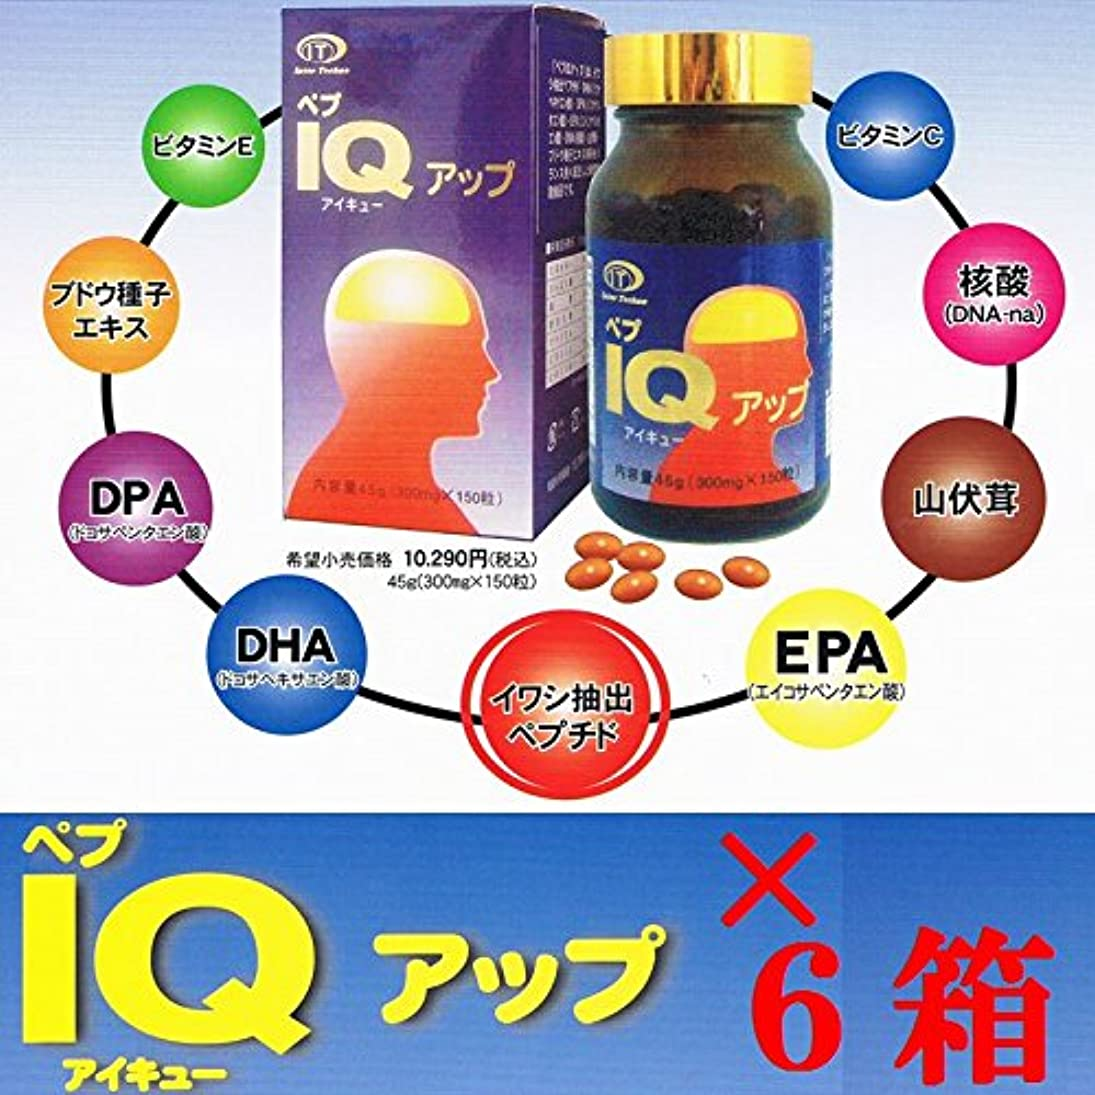 愛蒸し器ビジネスペプIQアップ 150粒 ×超お得6箱セット 《記憶?思考、DHA、EPA》